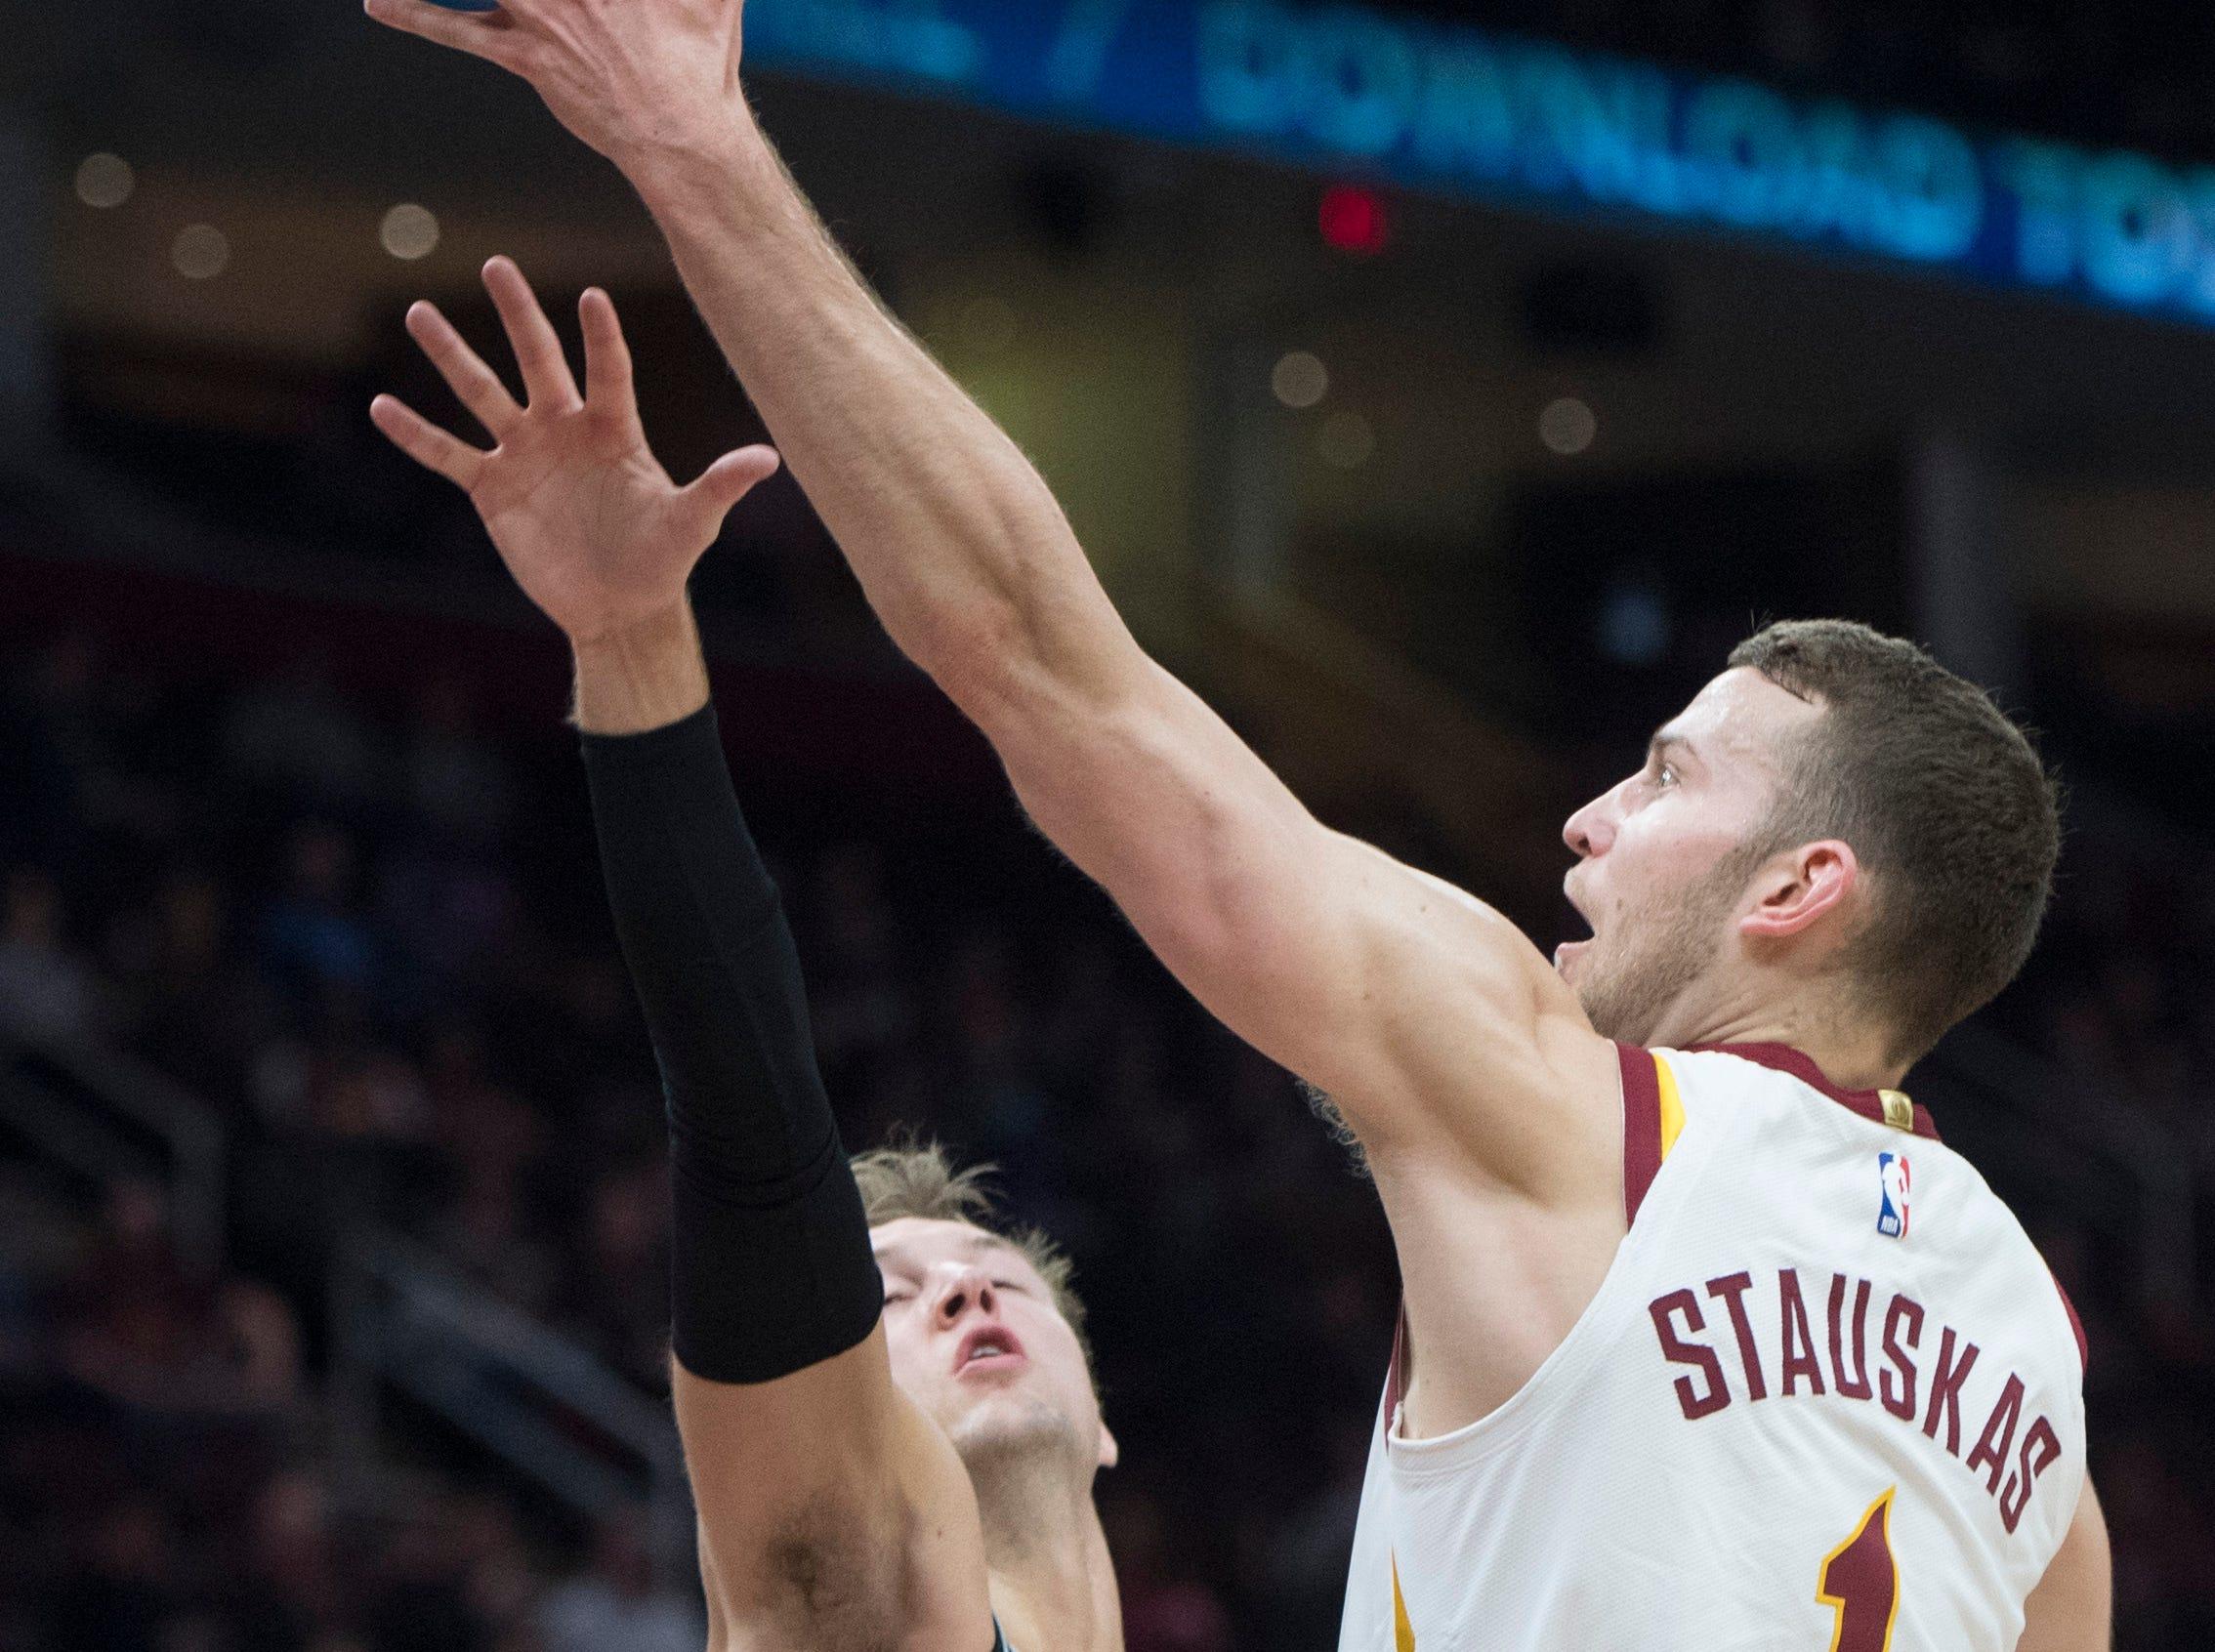 Cleveland Cavaliers guard Nik Stauskas shoots over Detroit Pistons guard Luke Kennard in the first half of an NBA basketball game.